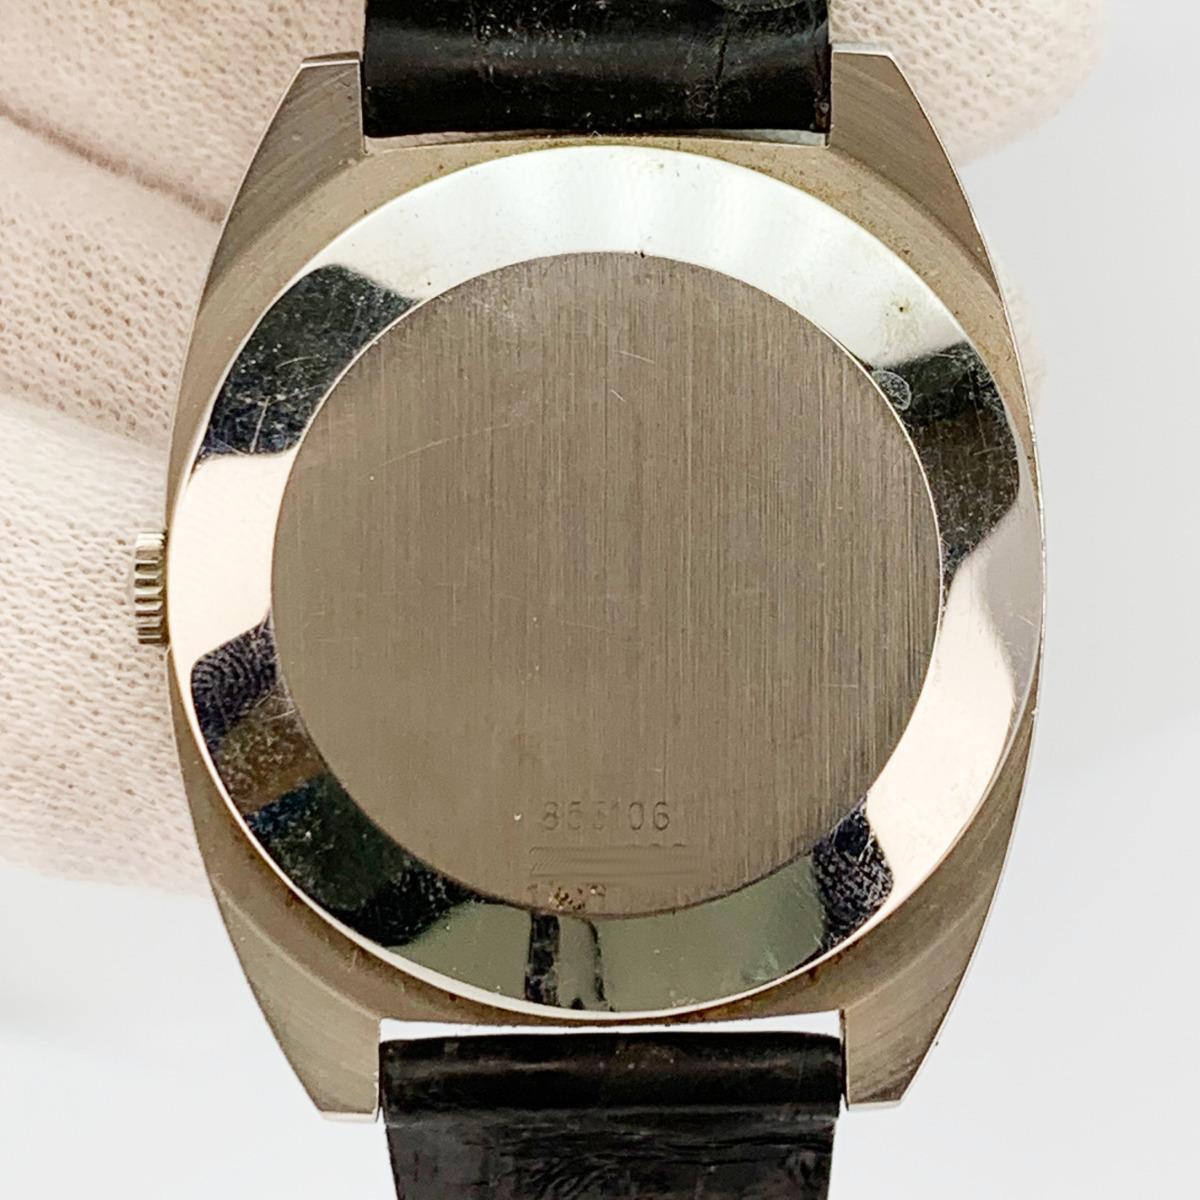 値下げ Universal Geneve ユニバーサルジュネーヴ 853106 Vintage Unisonic Men's Watch 音叉時計 メンズ U_画像2